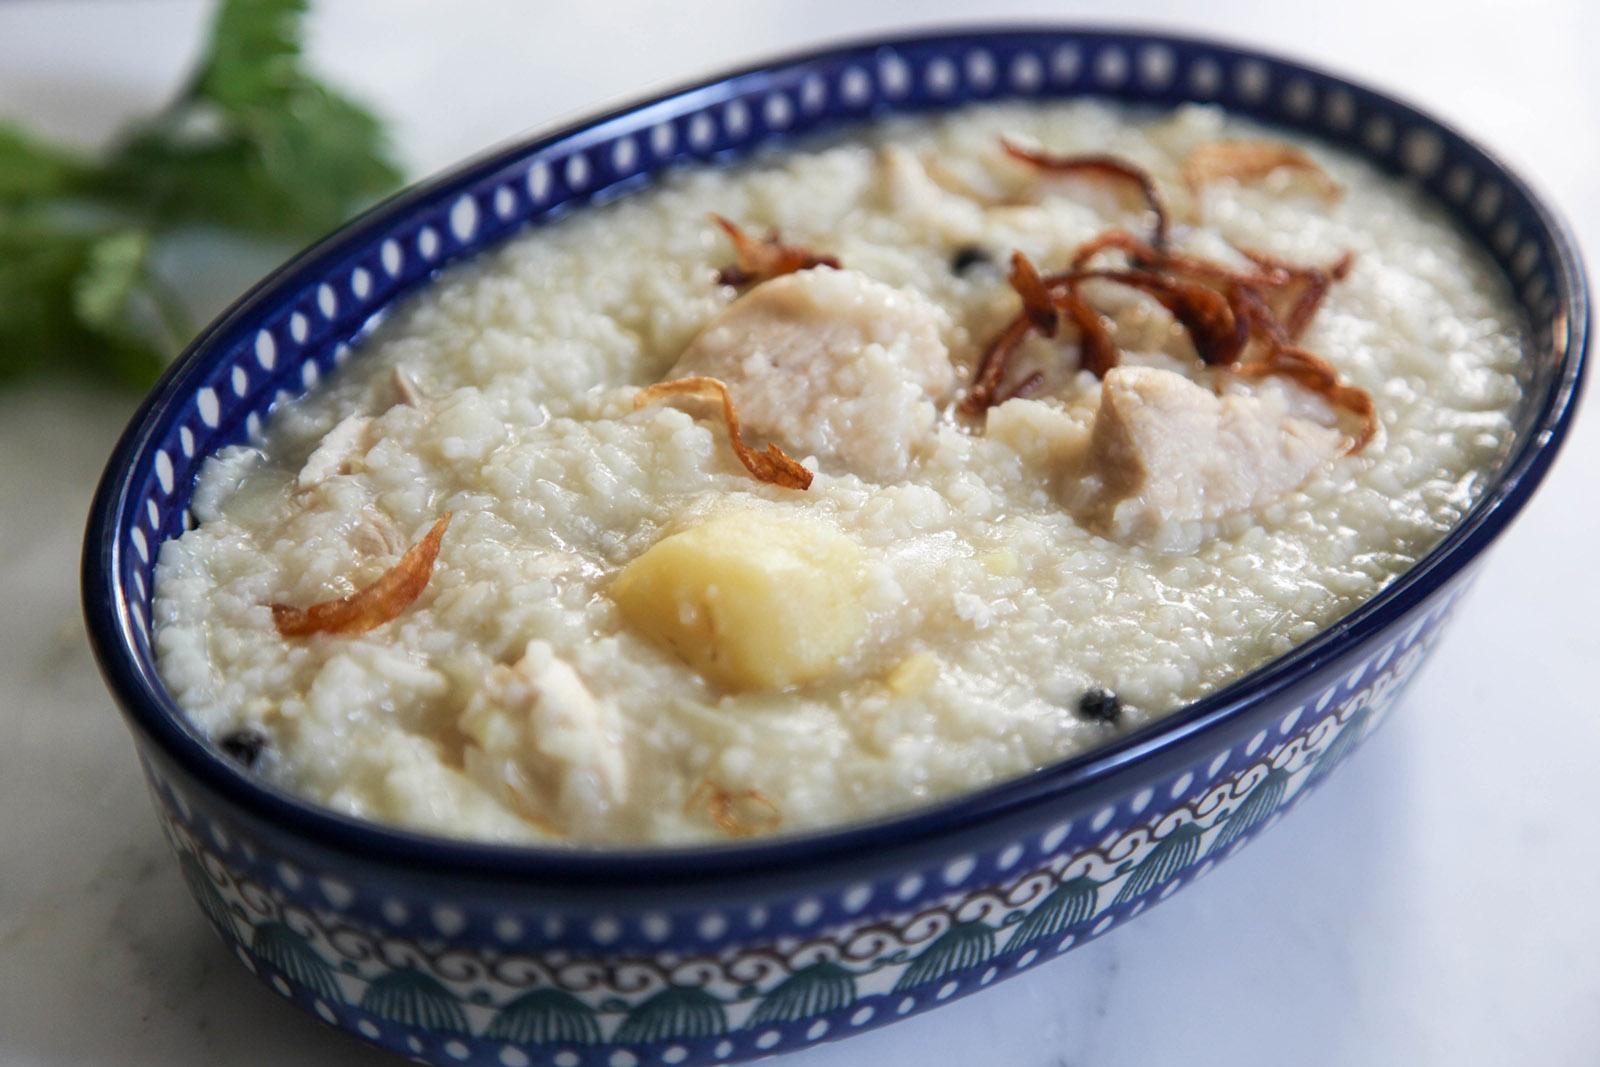 Pish Pash ready to eat